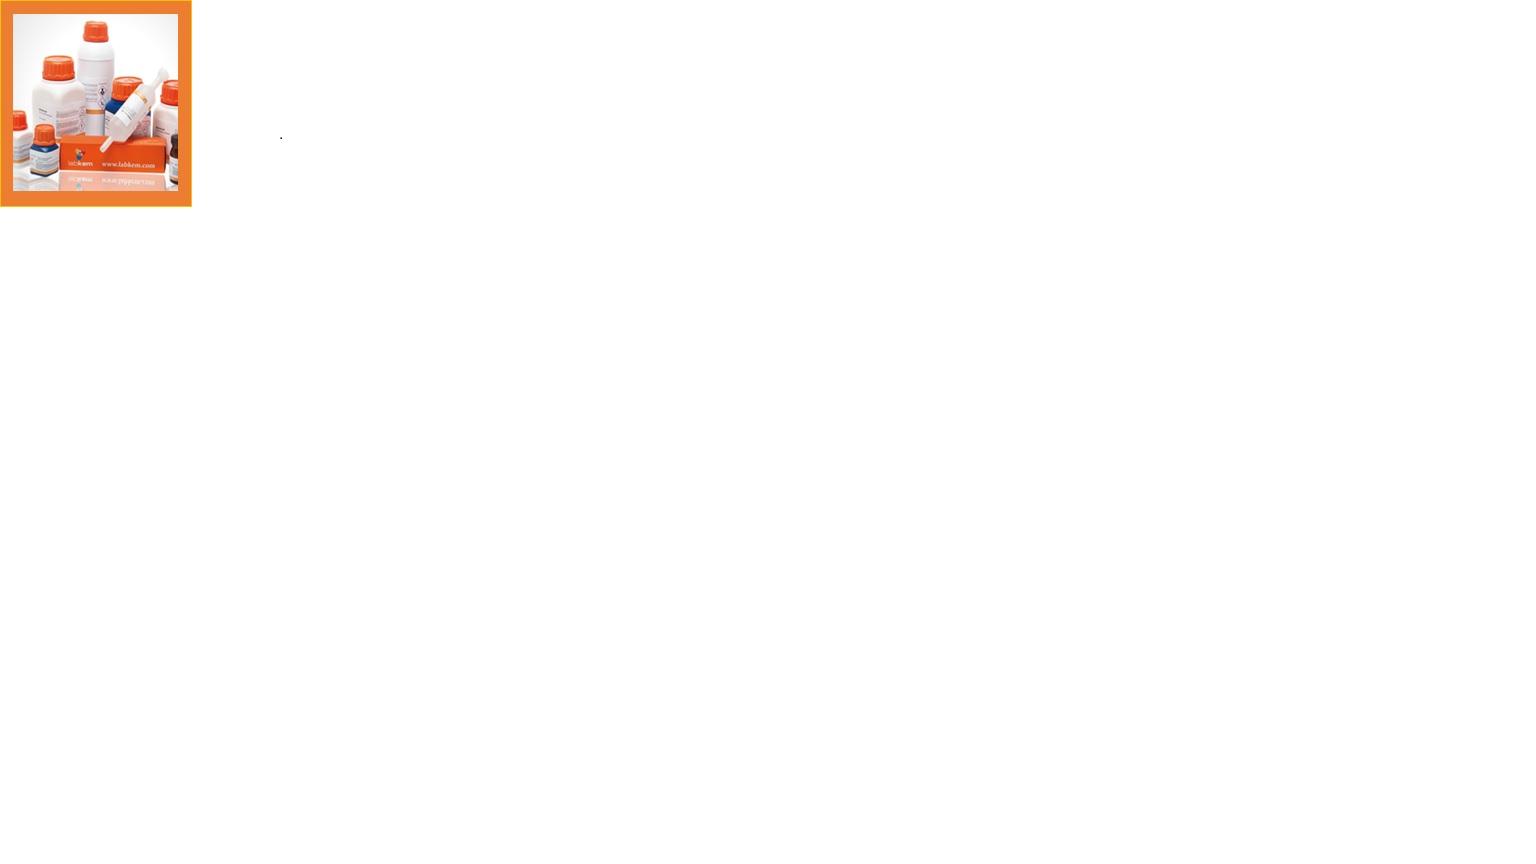 -Kjemiske produkter og reagenser (i alfabetisk rekkefølge